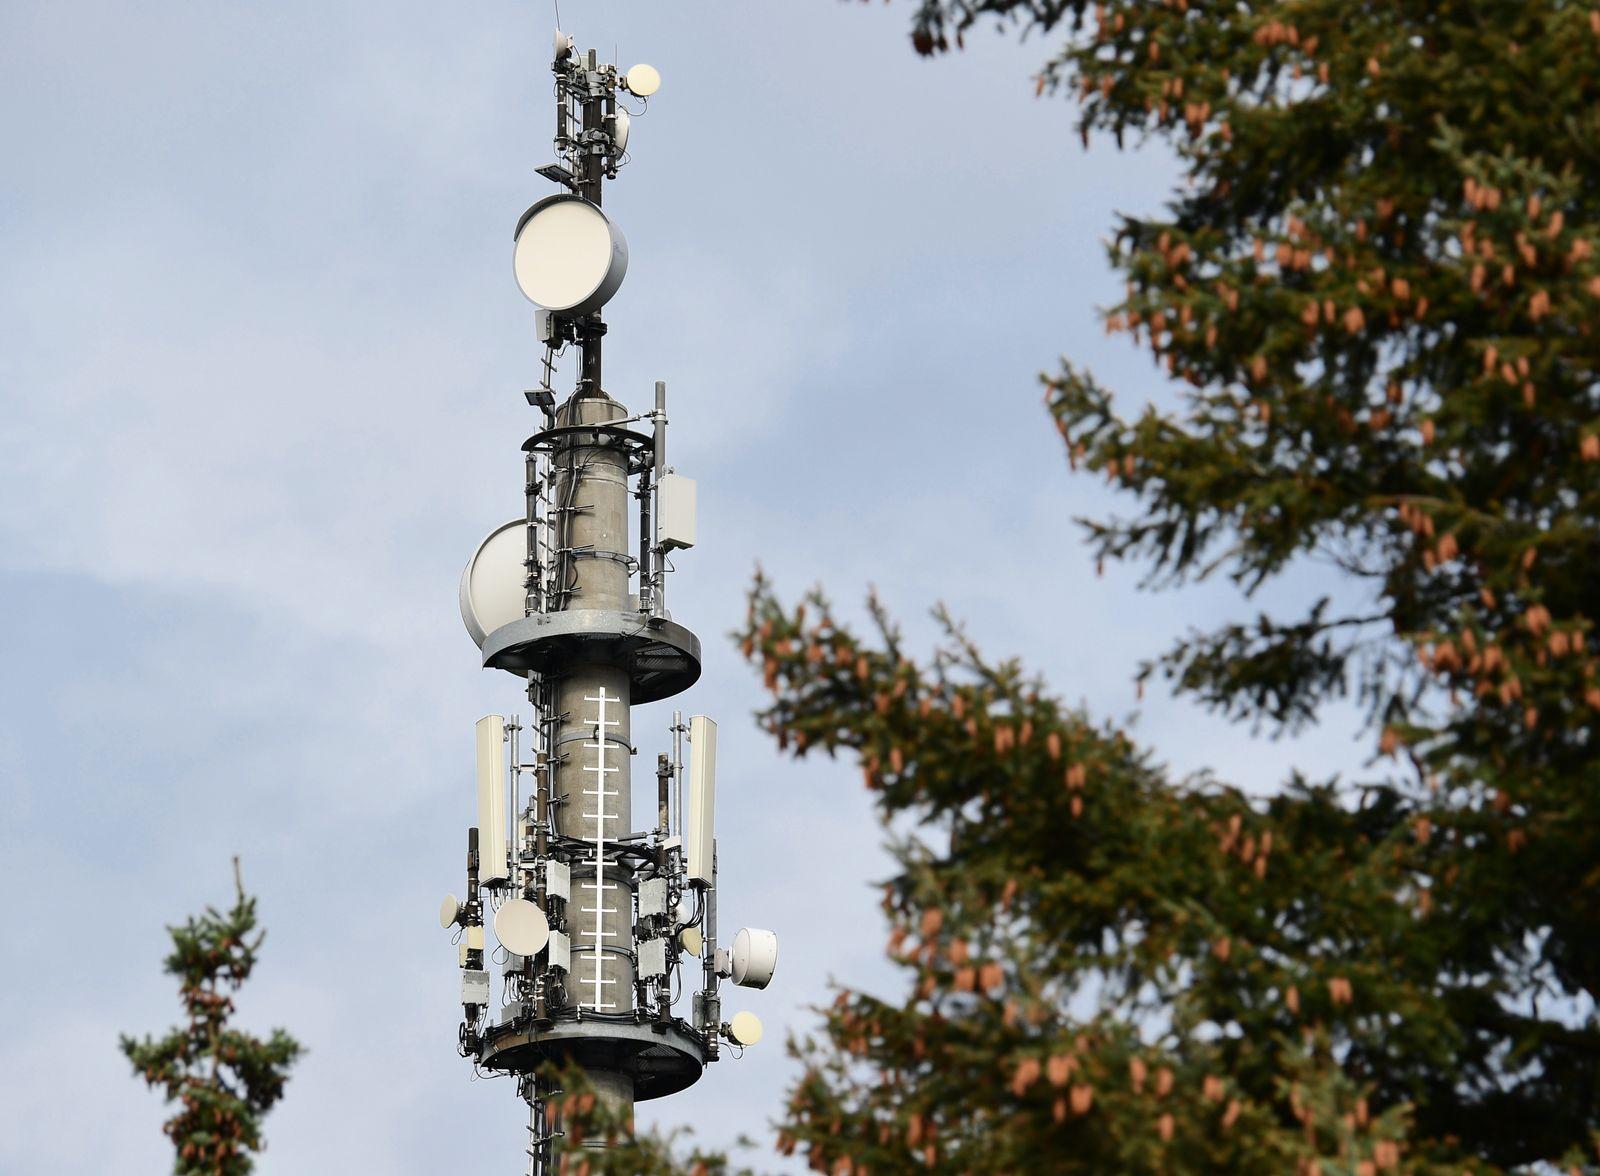 Mobilfunk in Deutschland - Sendemast für 5G in Bernau